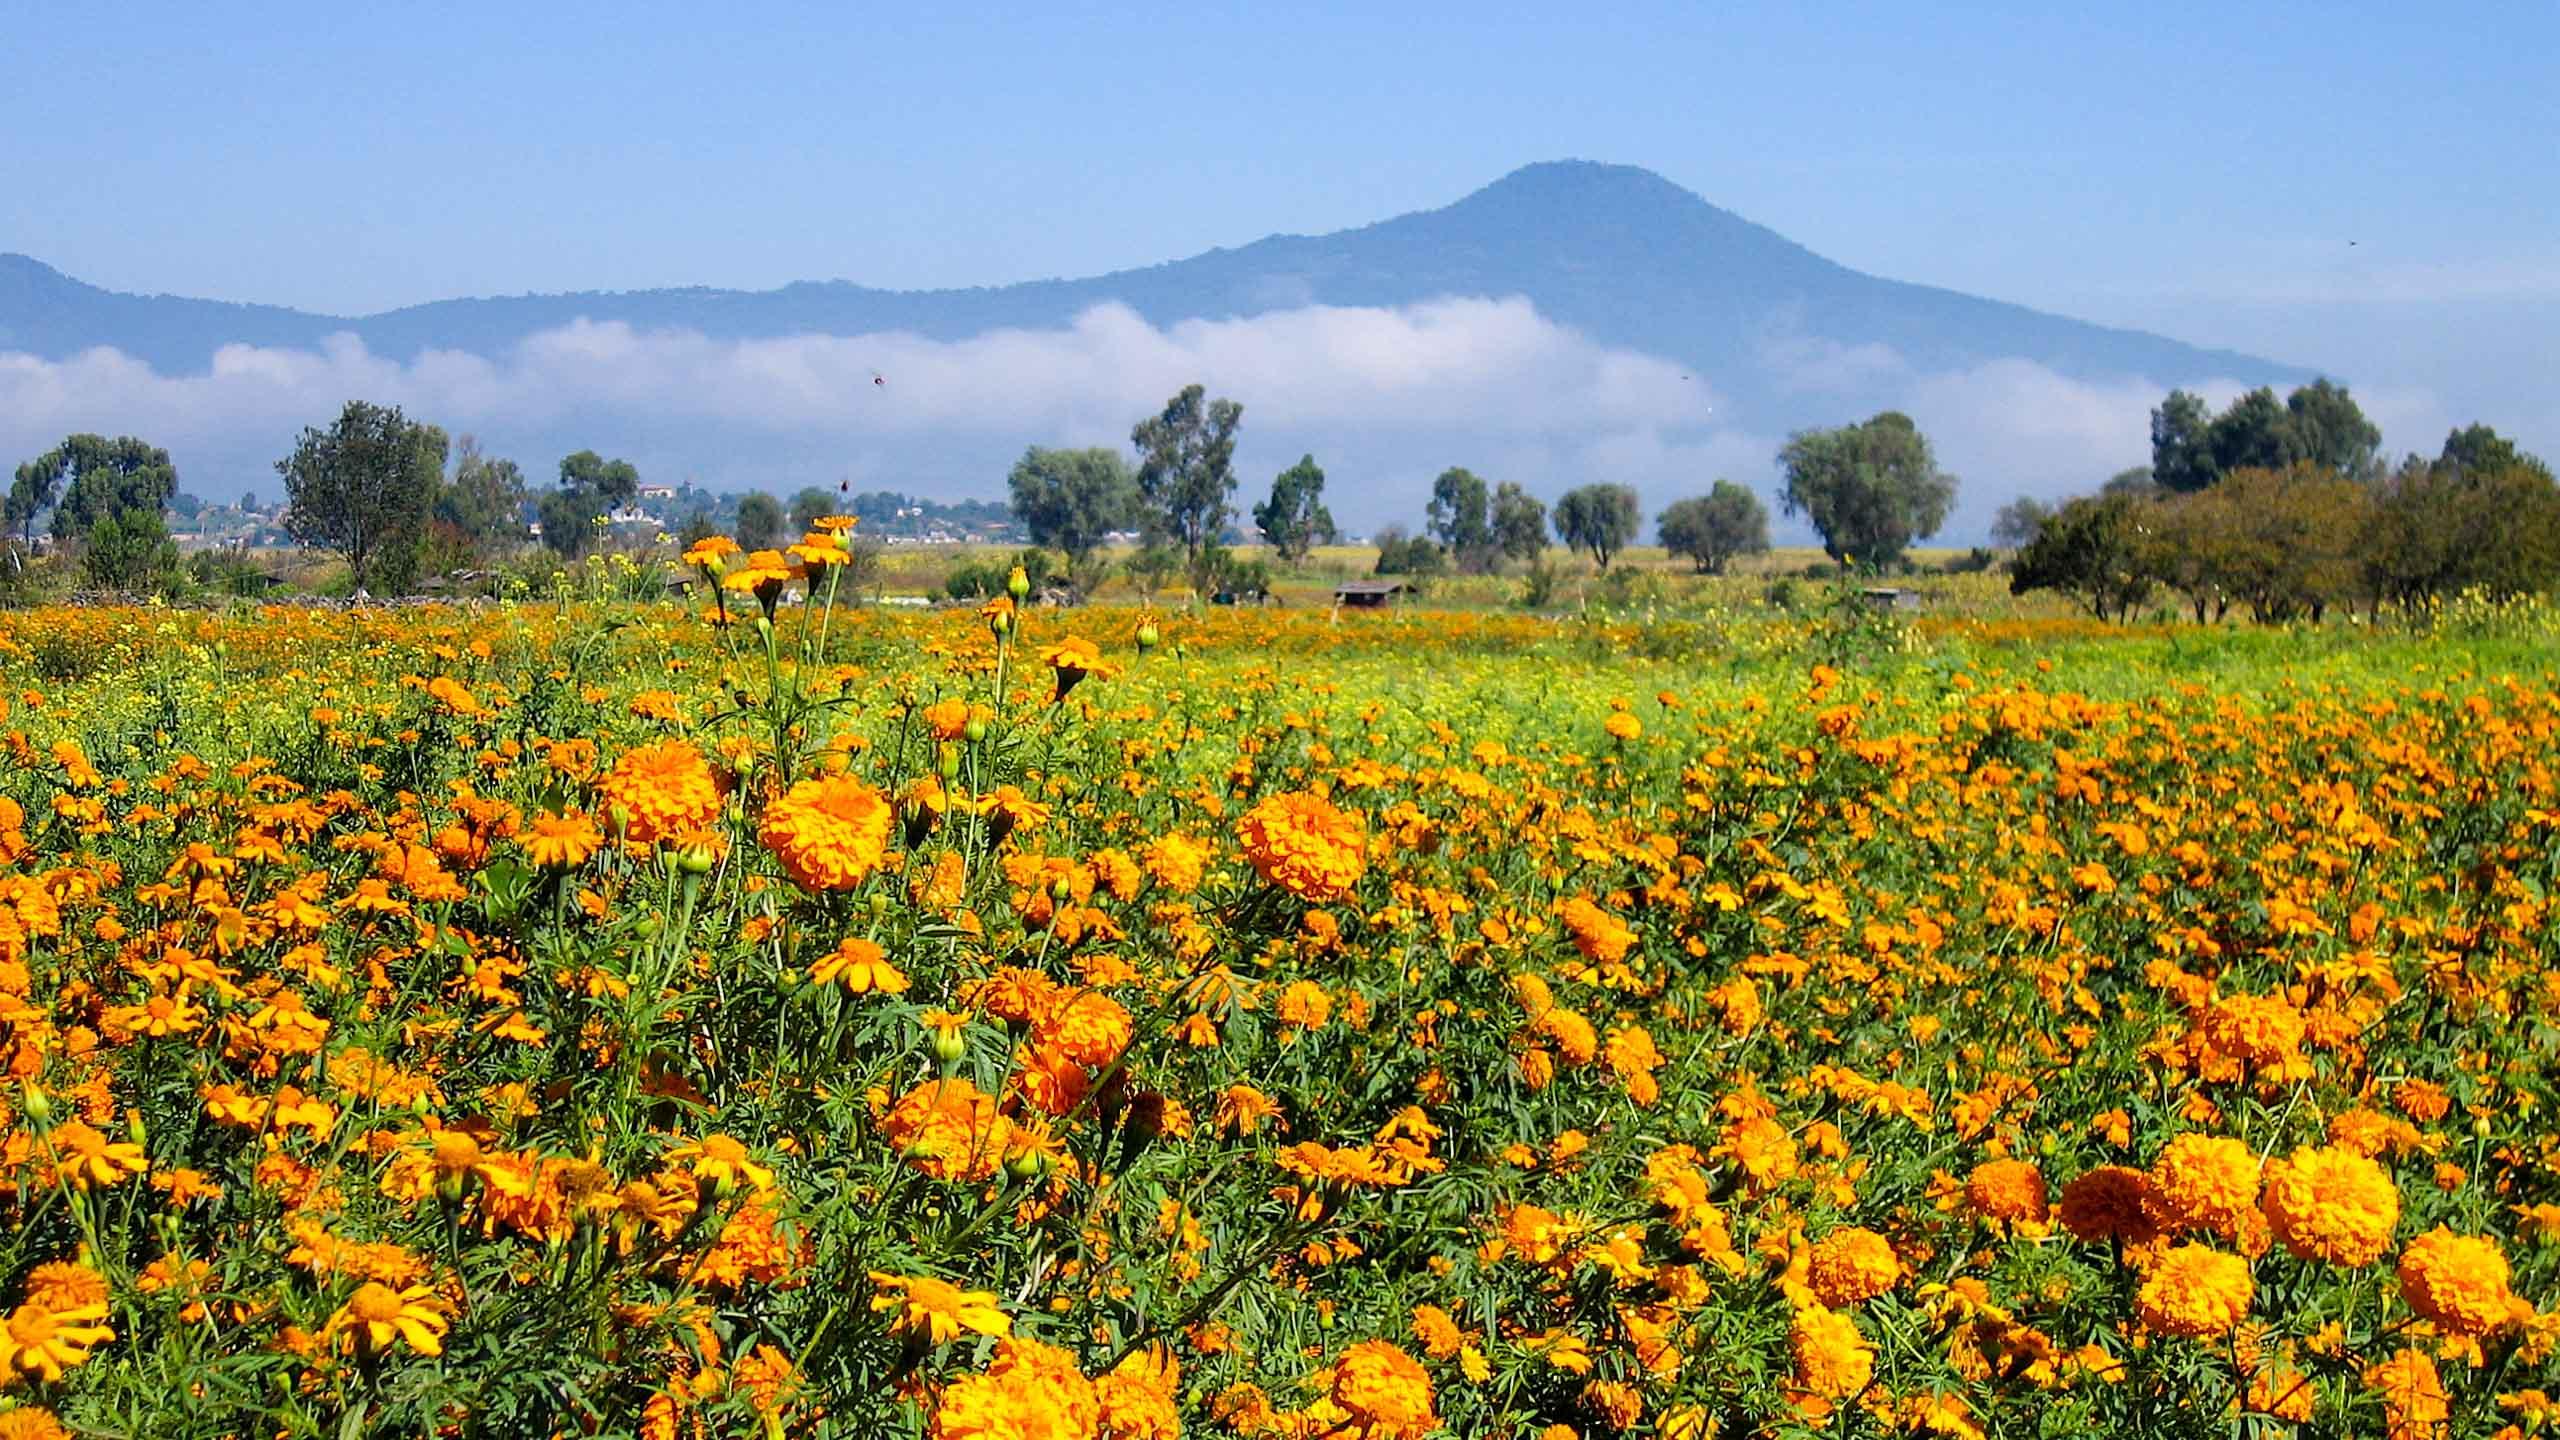 Field of orange flowers in Mexico